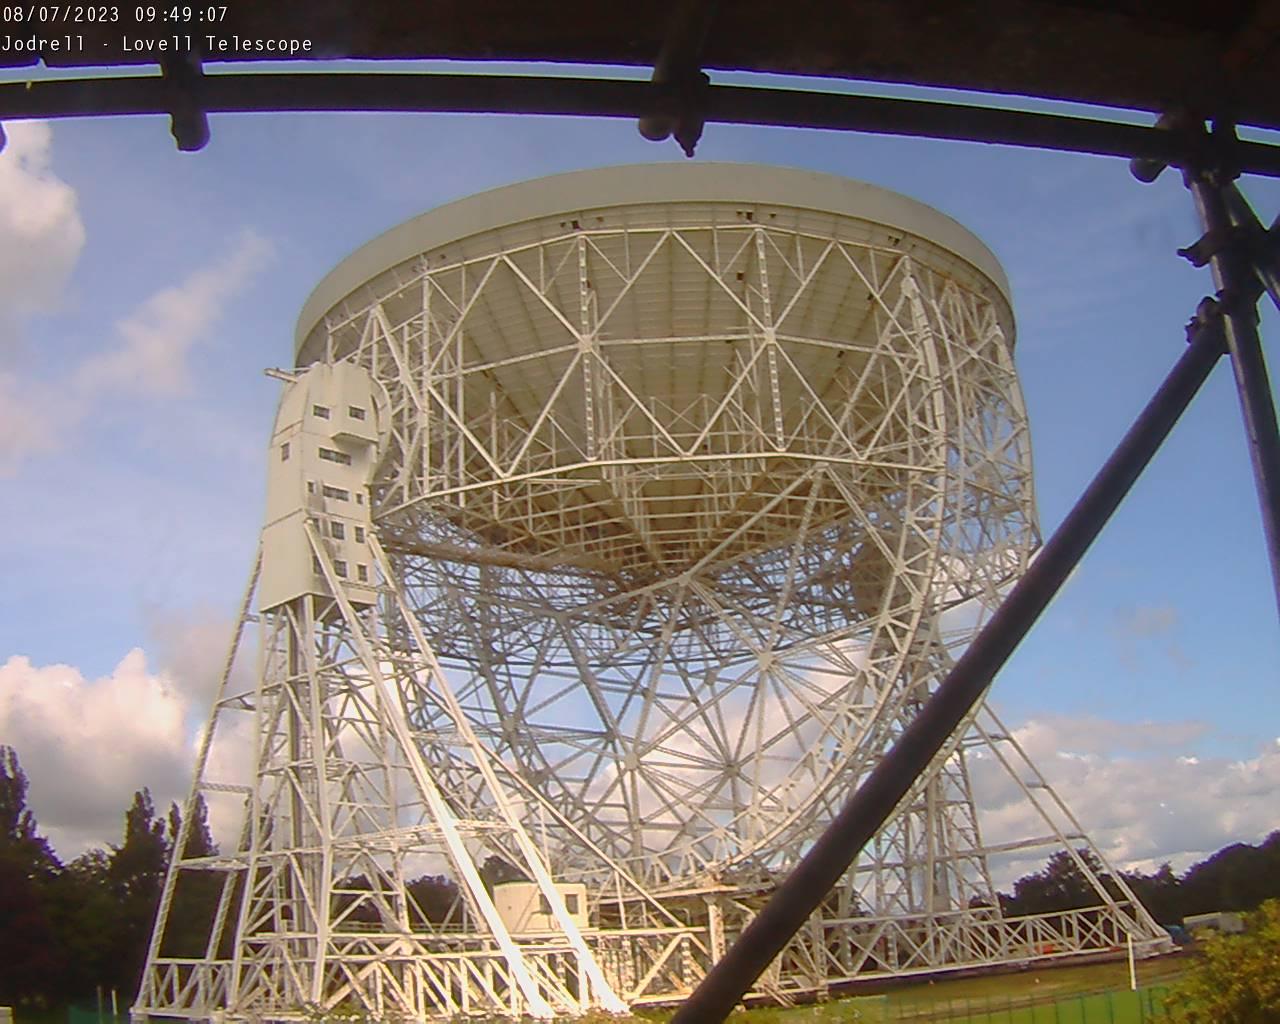 Jodrell bank observatory: lovell teleskop webcam galore